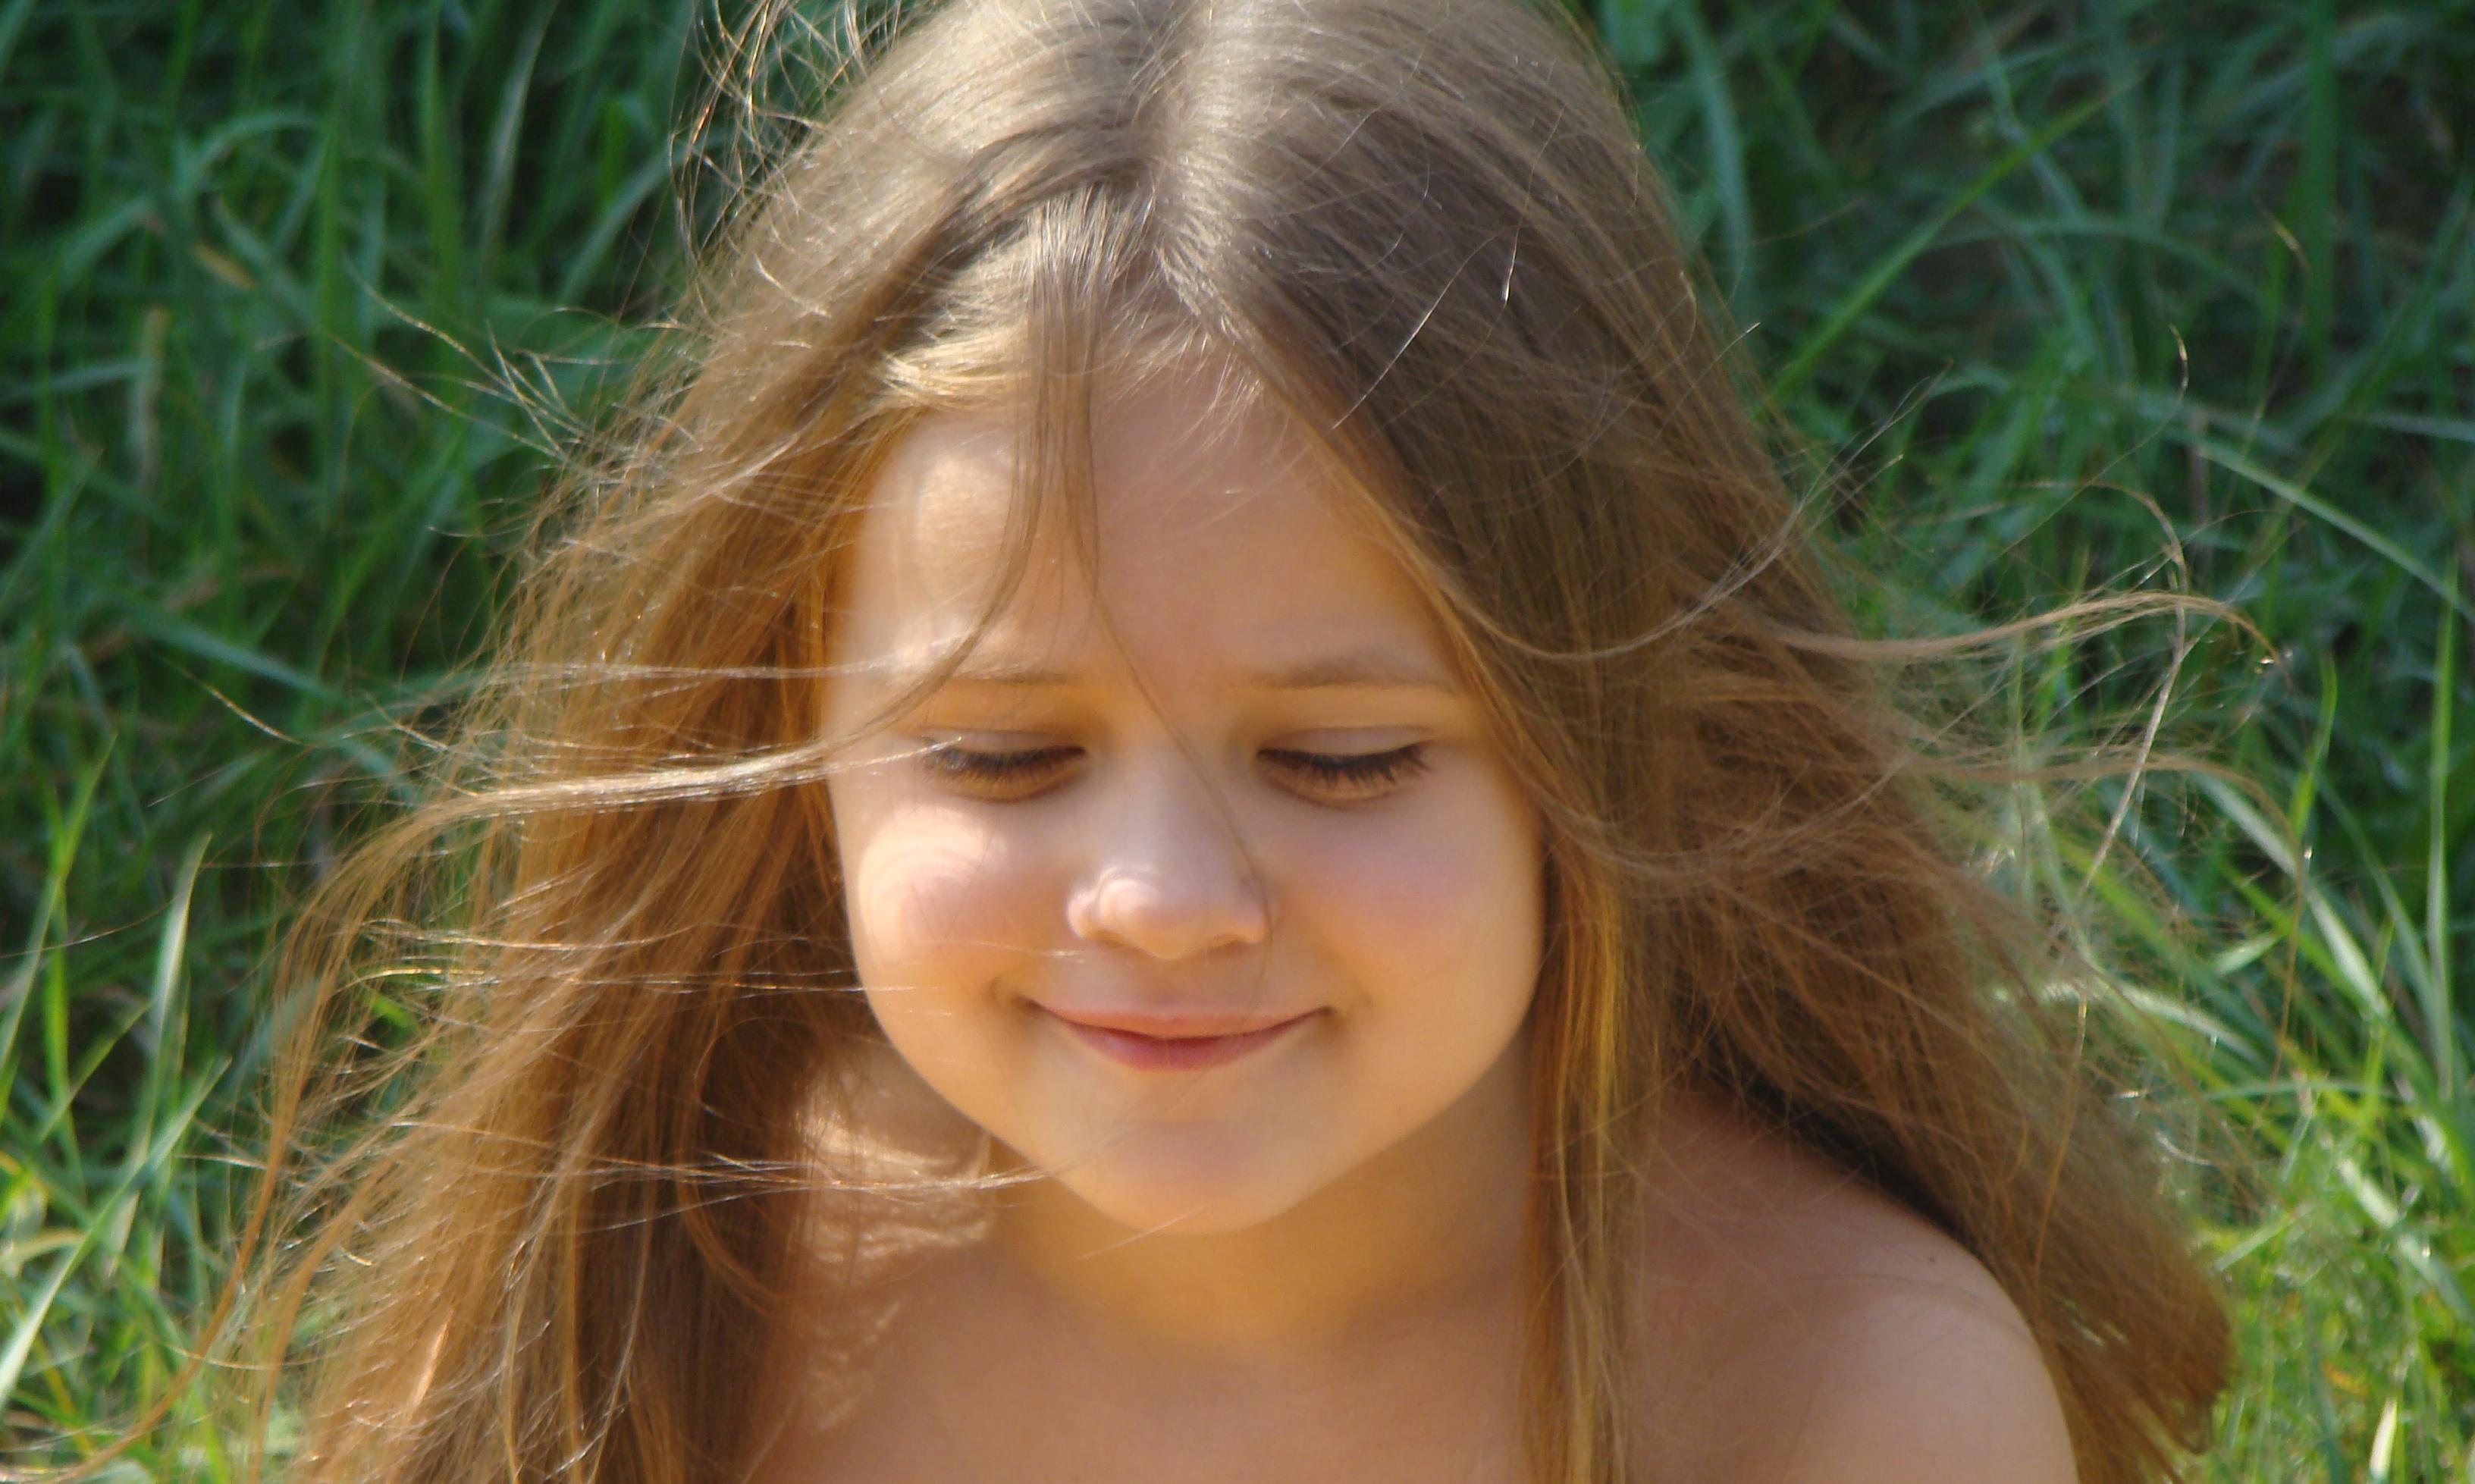 Знакомства для девочек 11 13 лет знакомства в беларусии в минскои облости столбцовского района